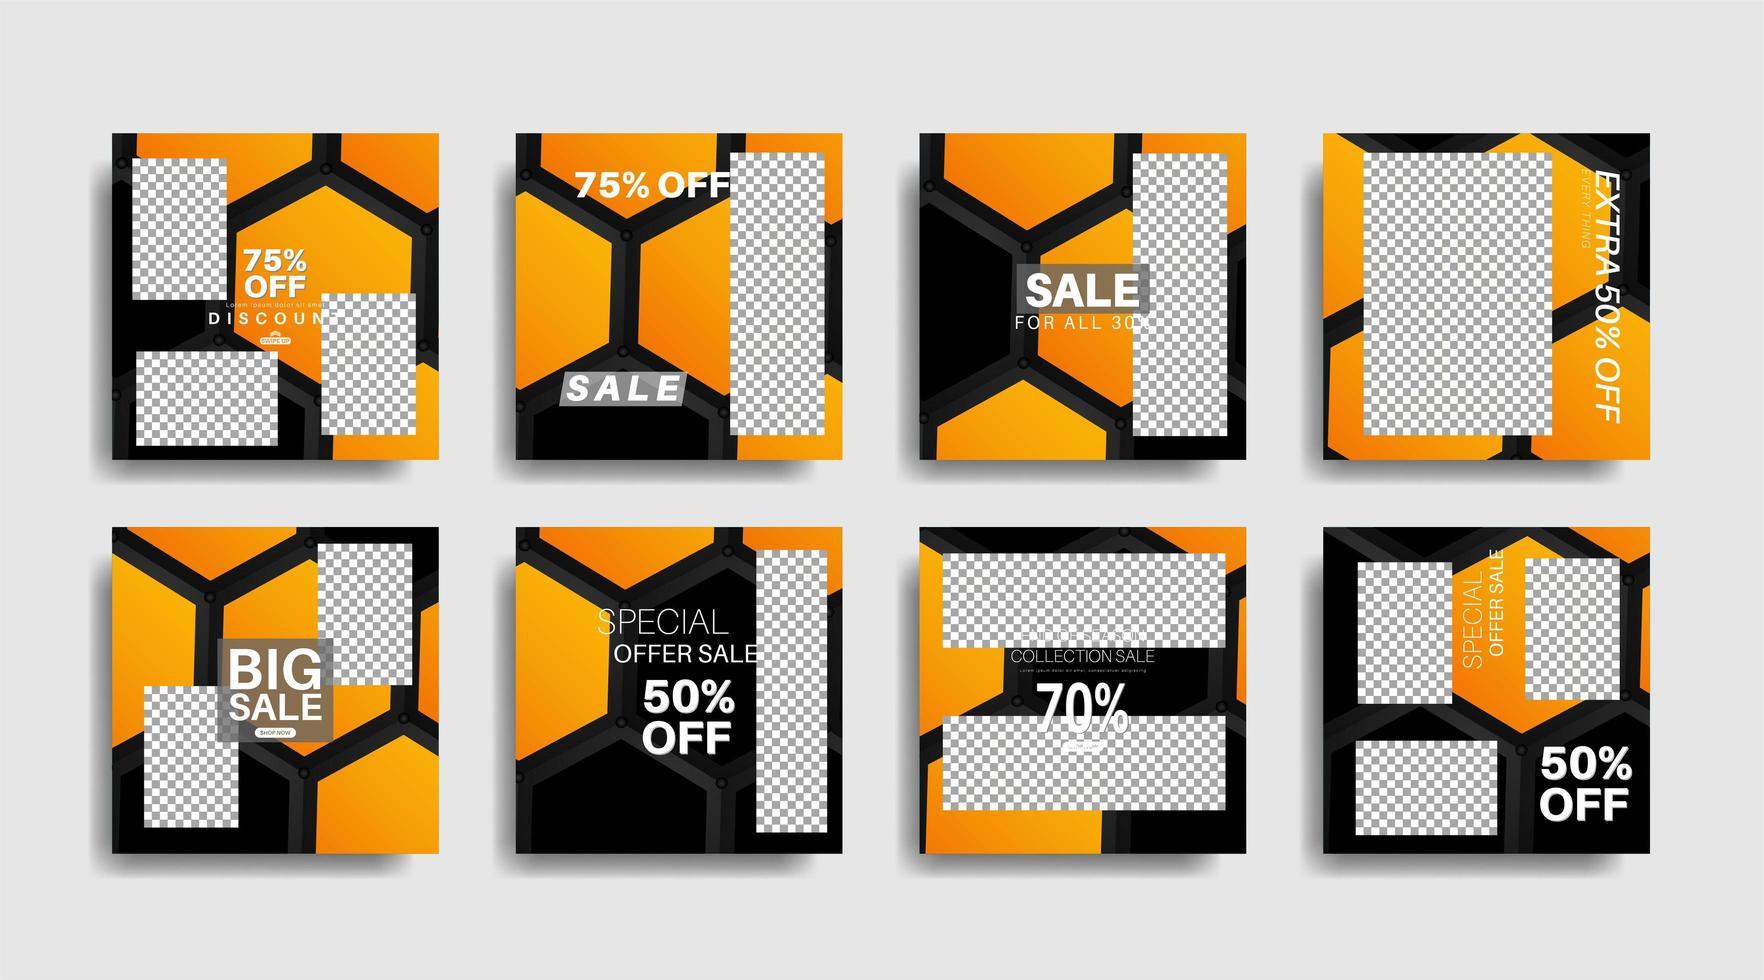 bannière web carrée de promotion moderne pour les médias sociaux vecteur